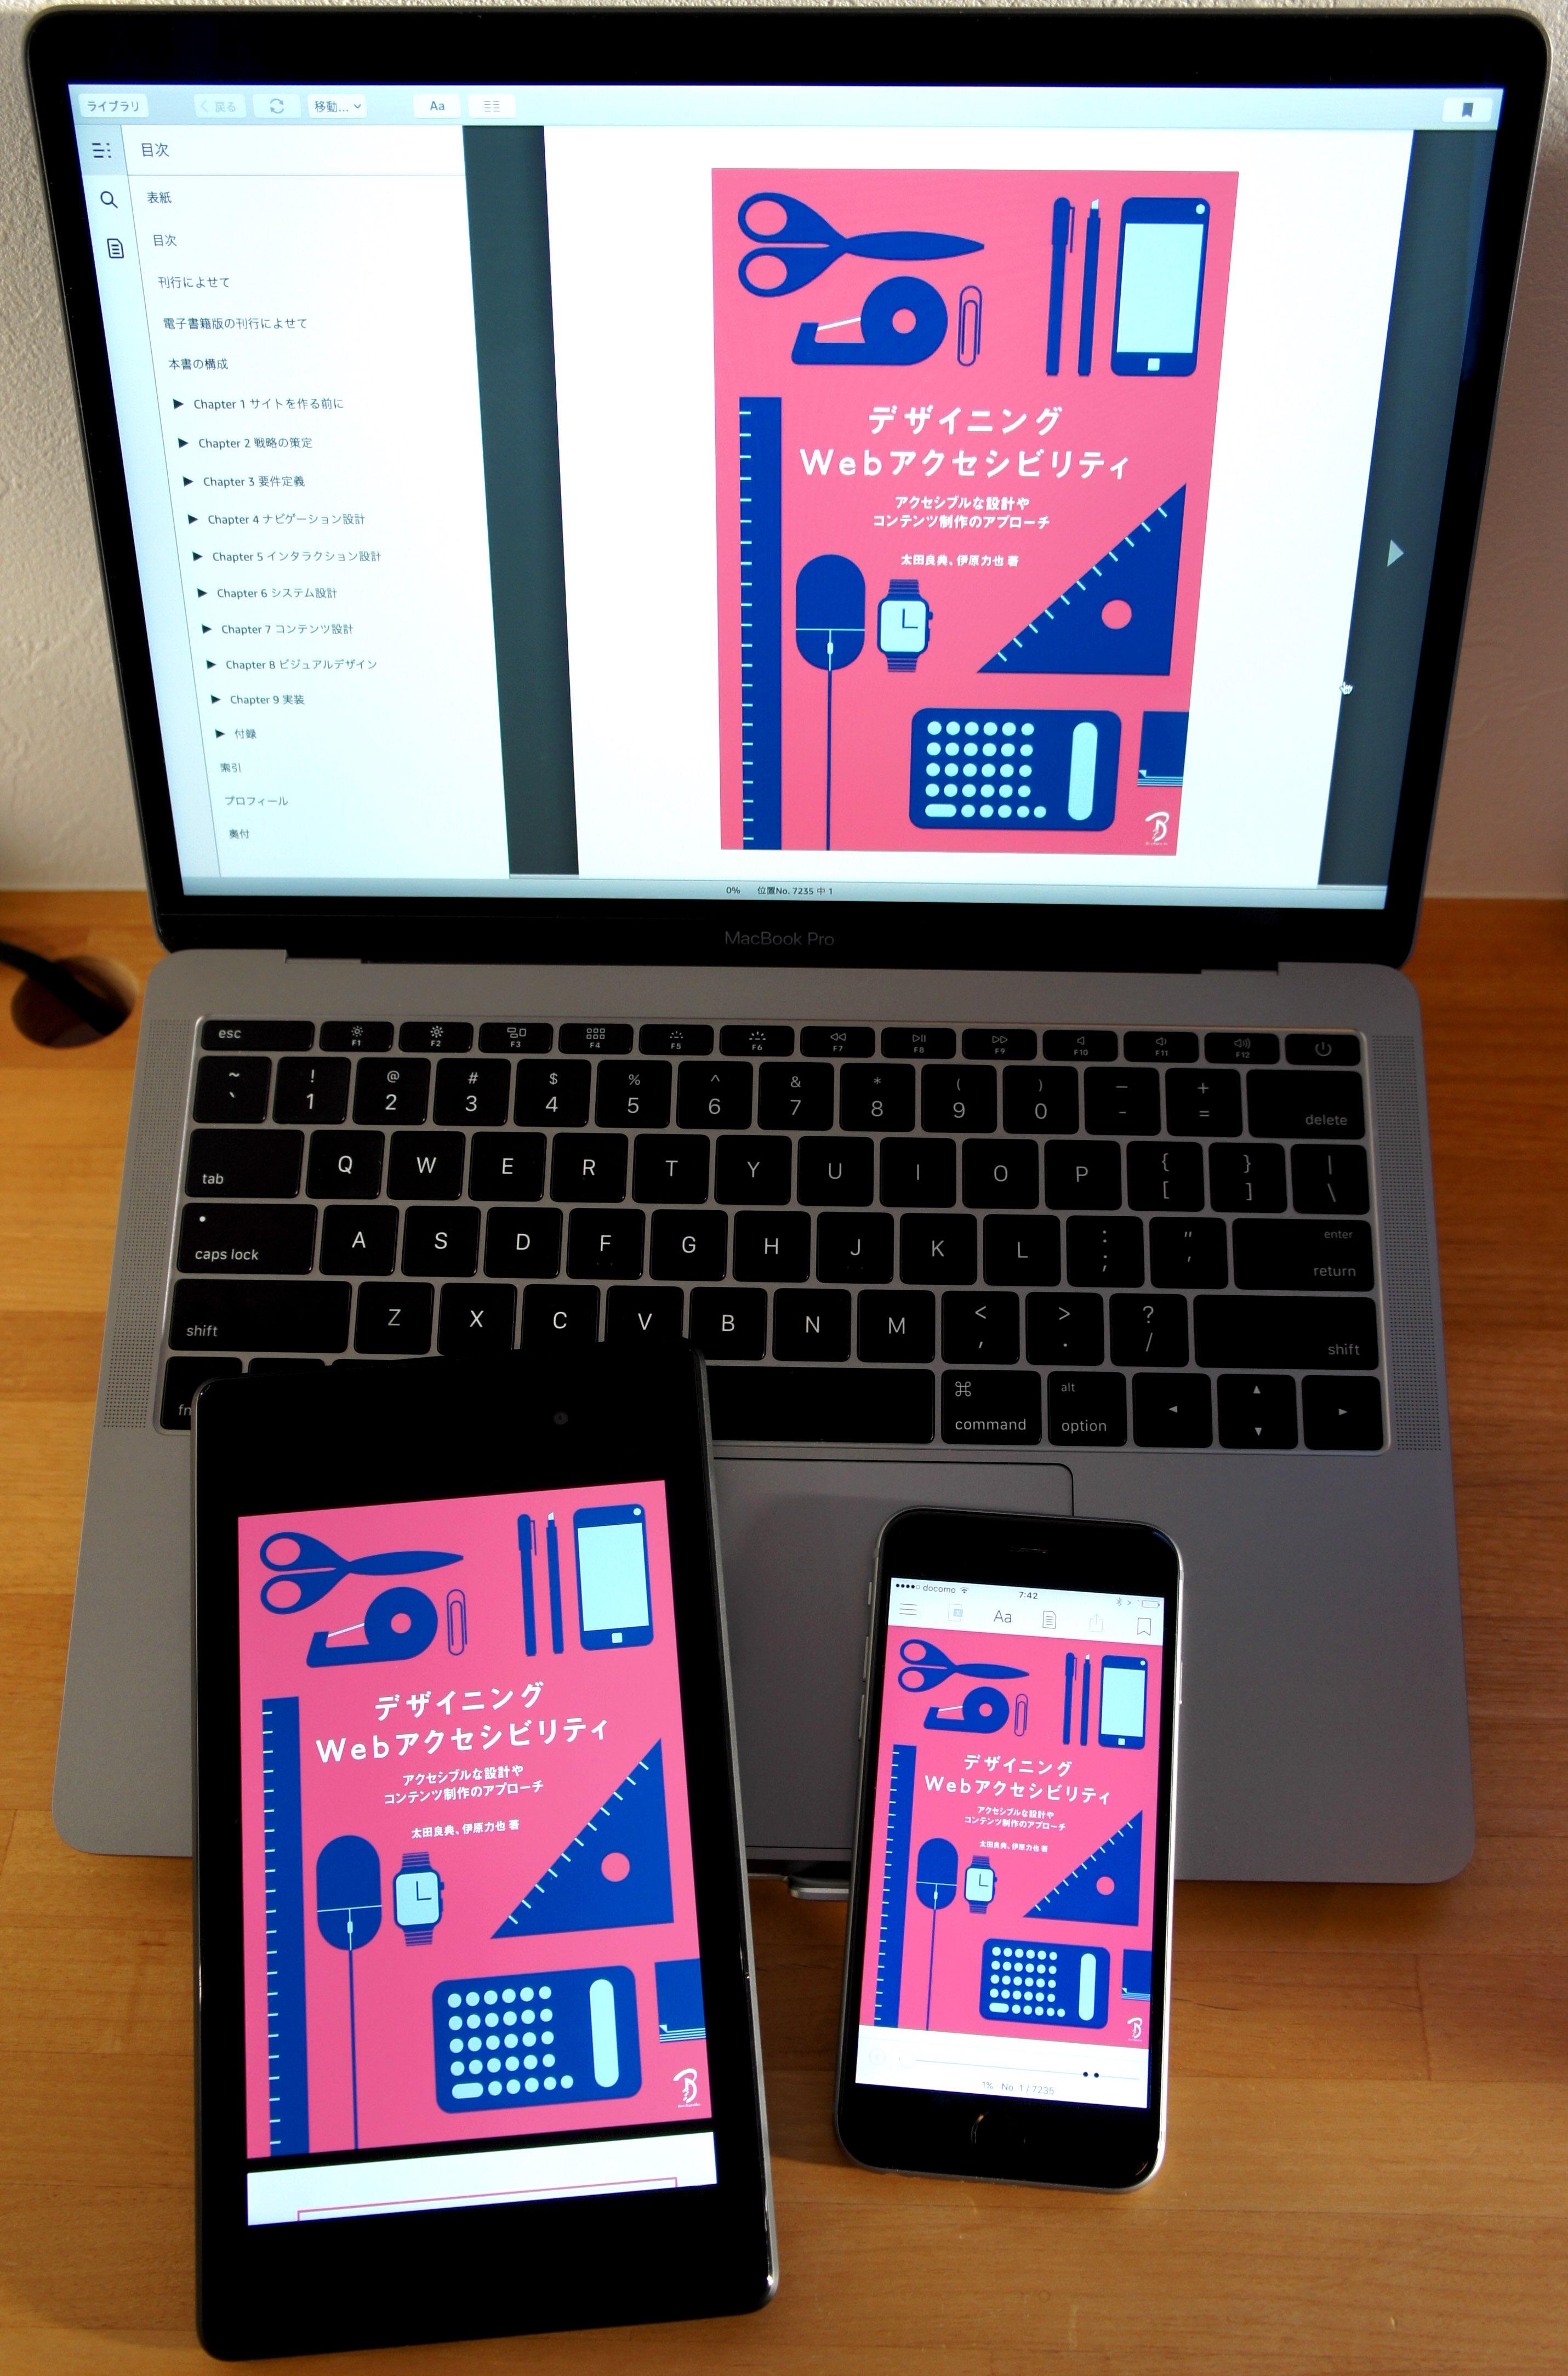 「デザイニング Web アクセシビリティ (電子書籍版)」をマルチデバイスで表示